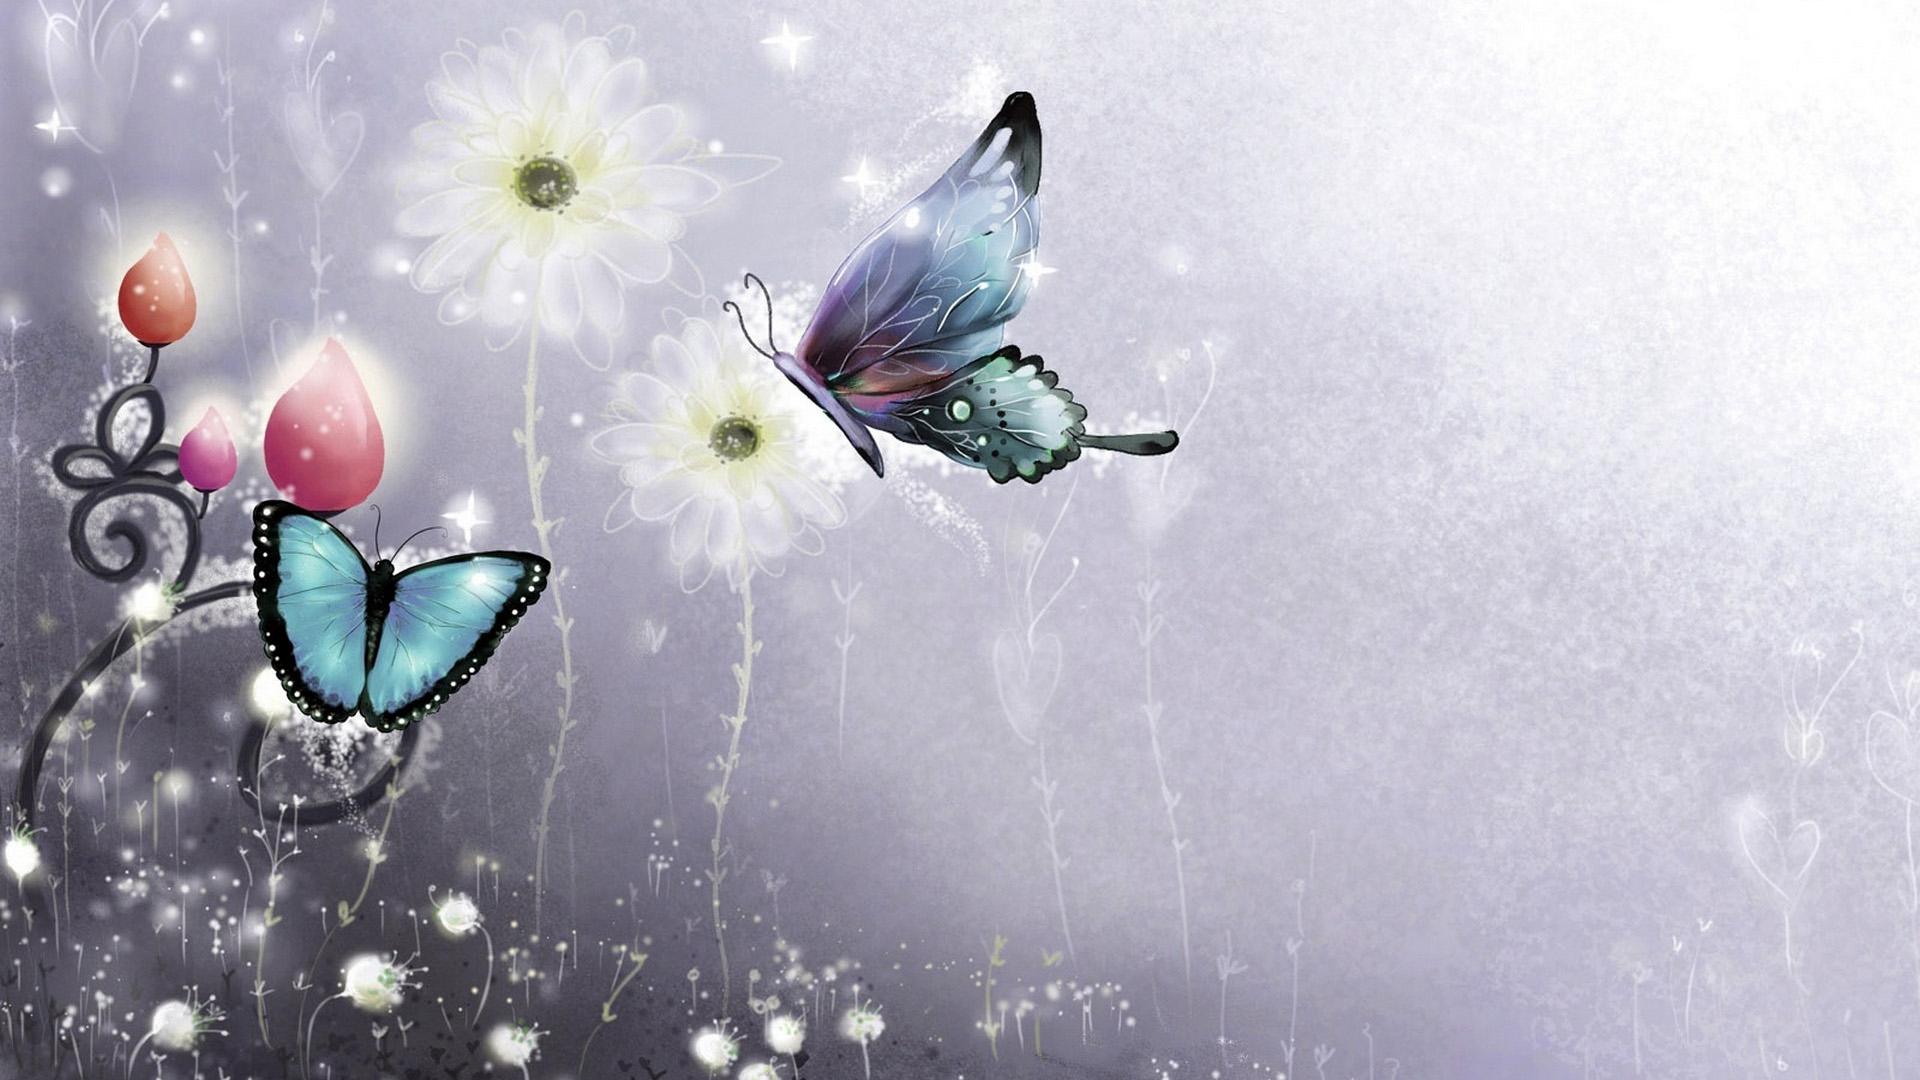 Скачать бесплатно обои бабочки на рабочий стол   подборка (23)